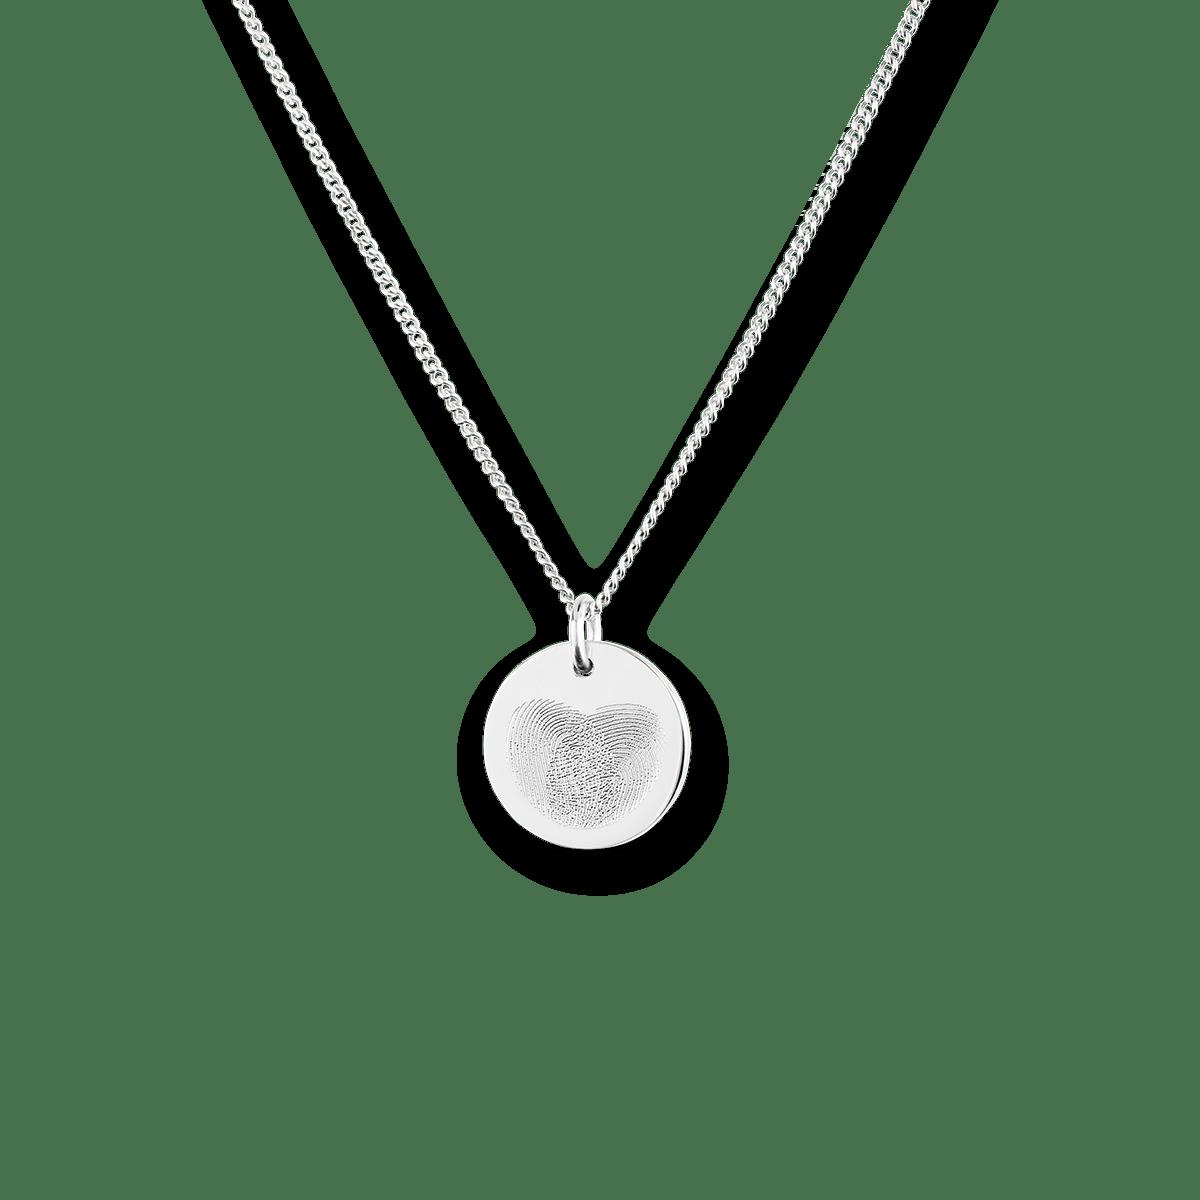 Mini Fingerprint Coin Necklace